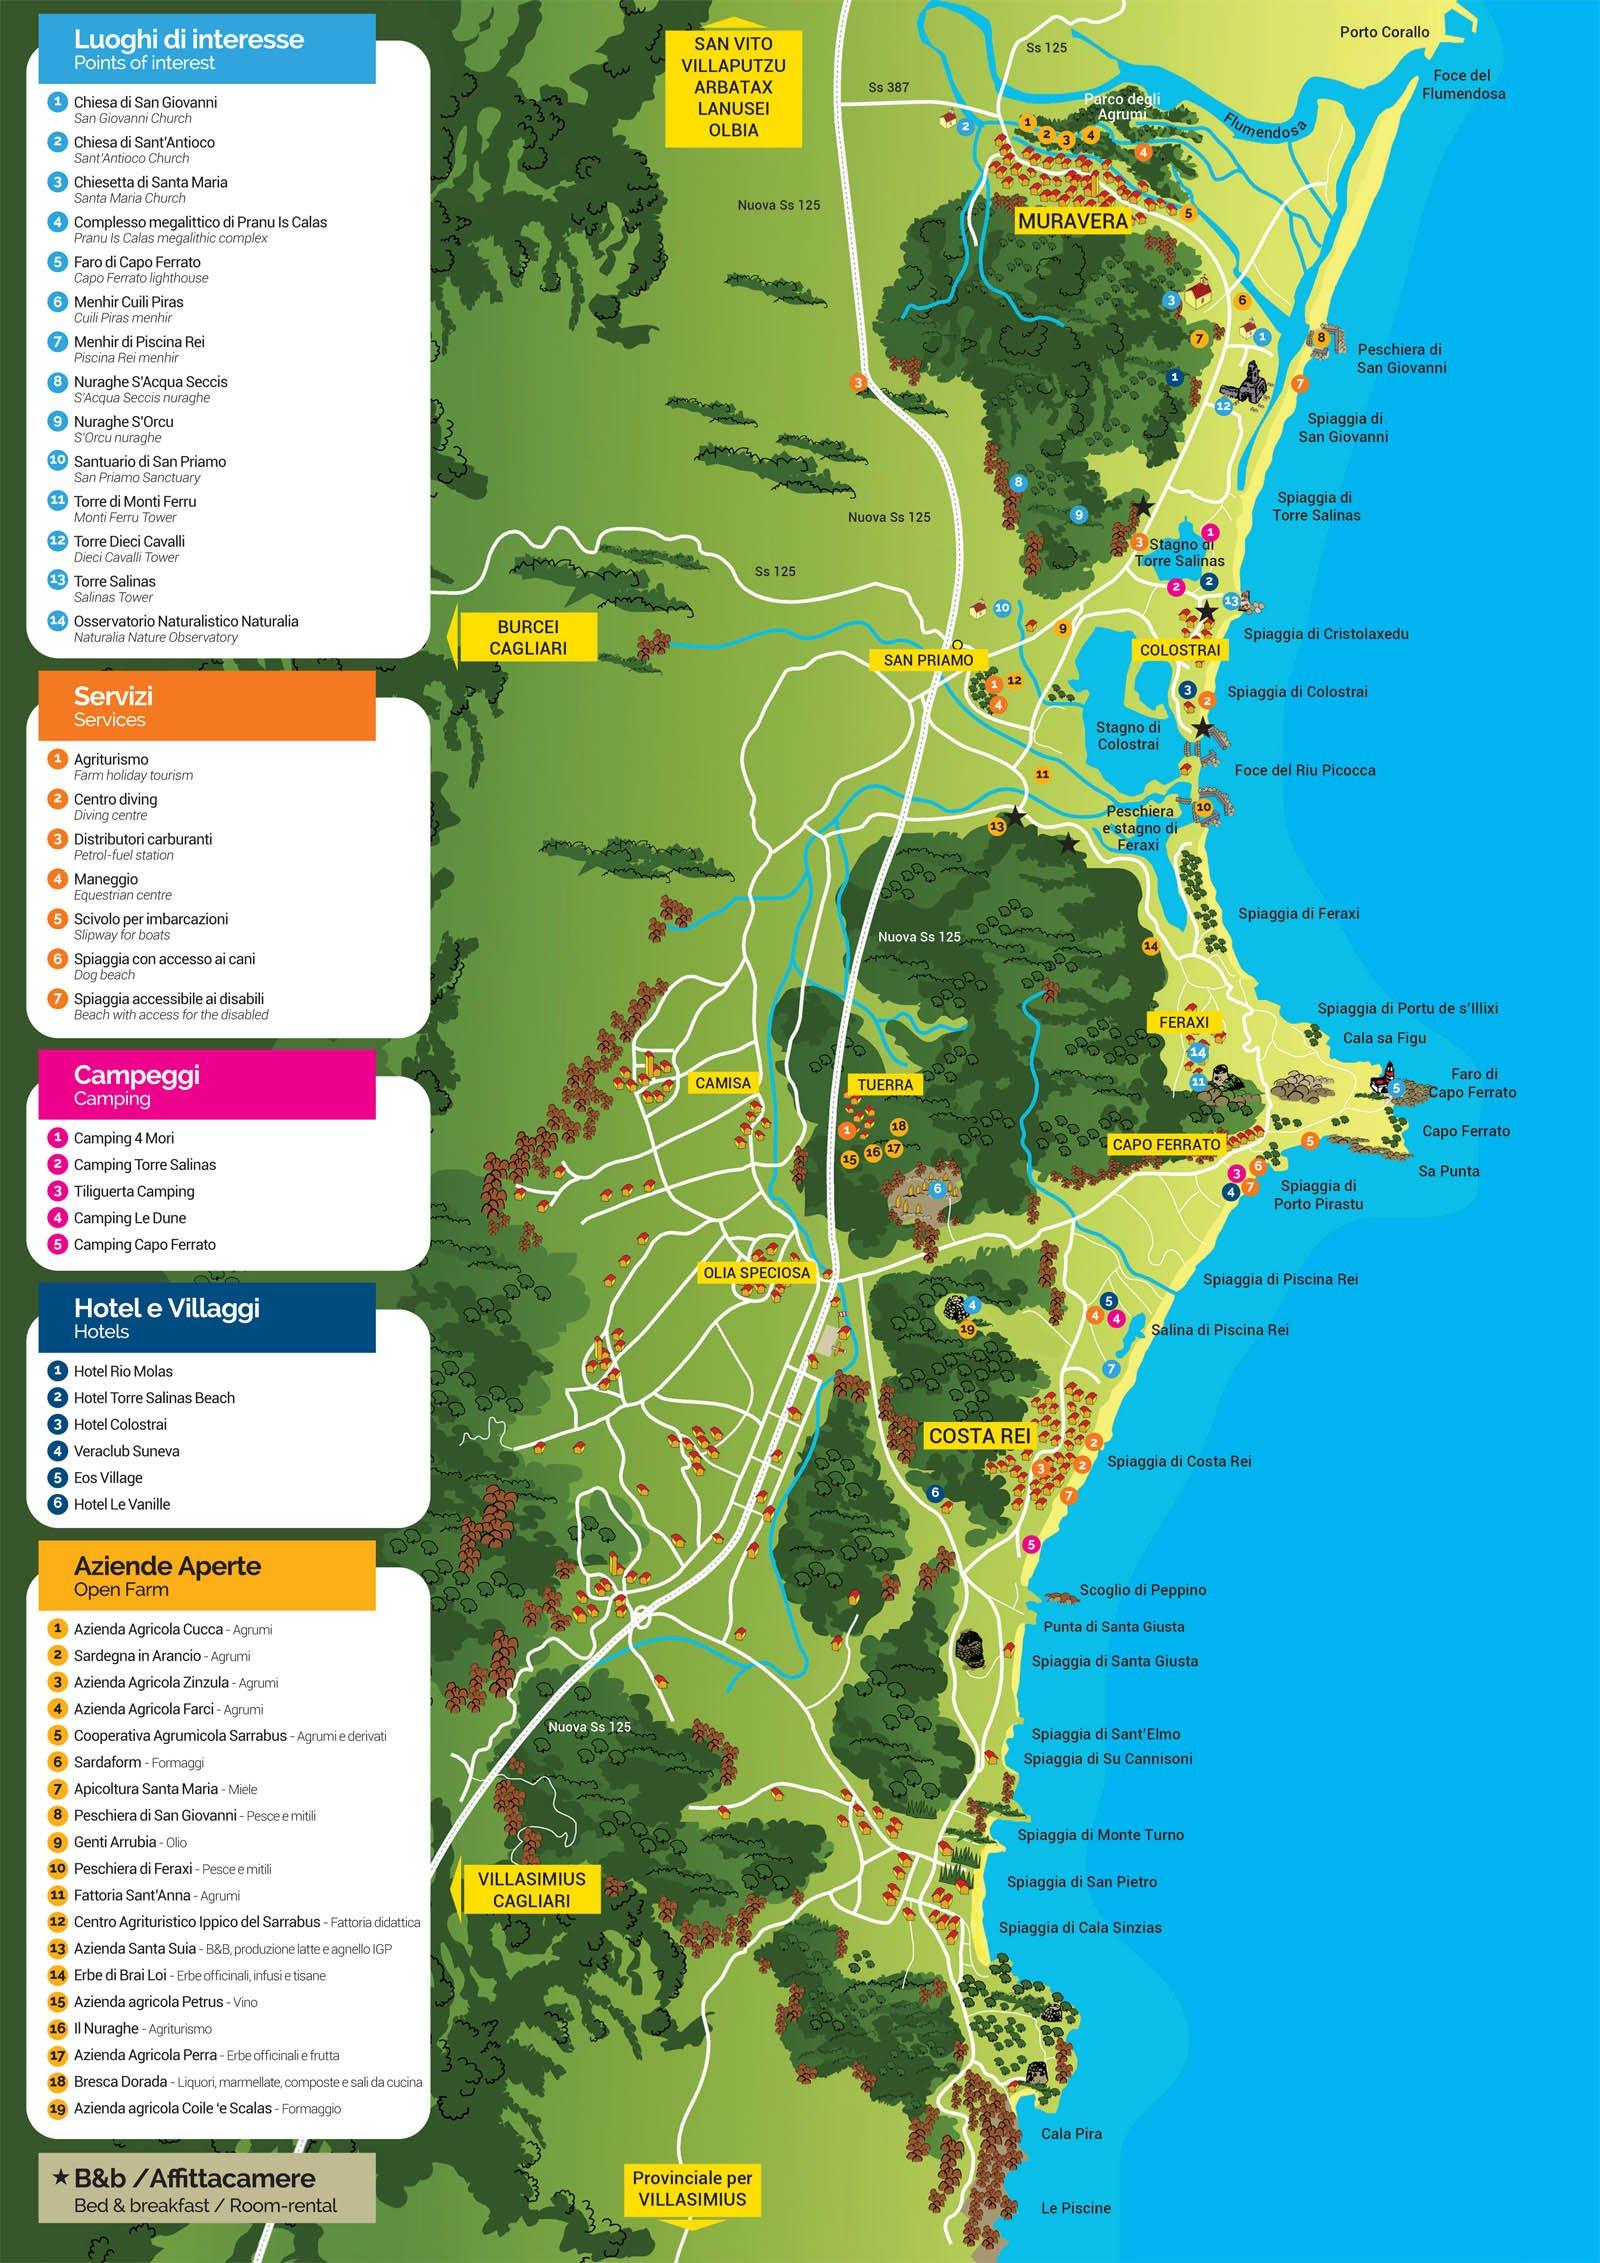 Spiagge Muravera Ecco Foto E Mappa Costa Rei Ma Non Solo